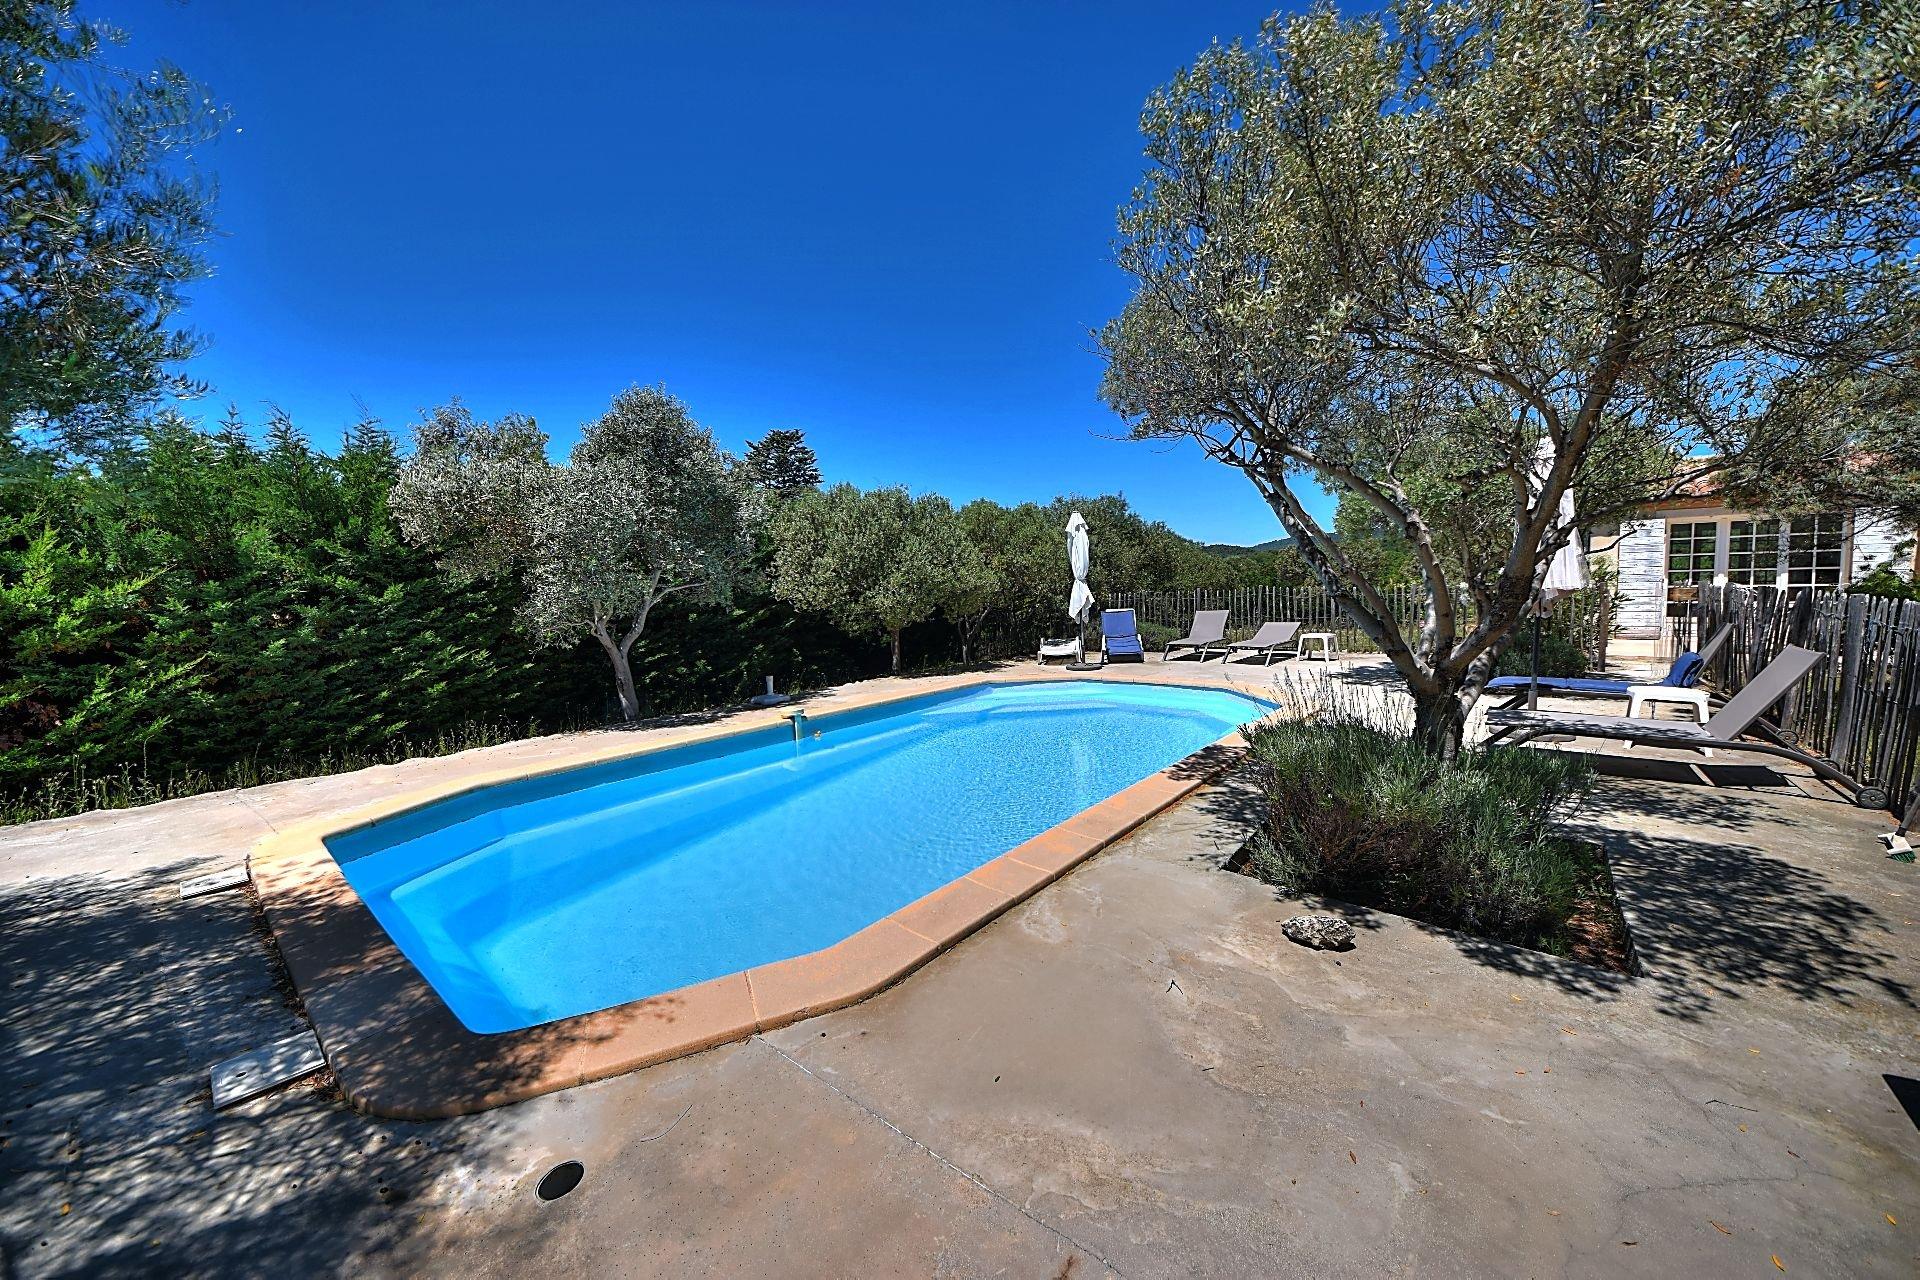 8 x 4 m shell pool